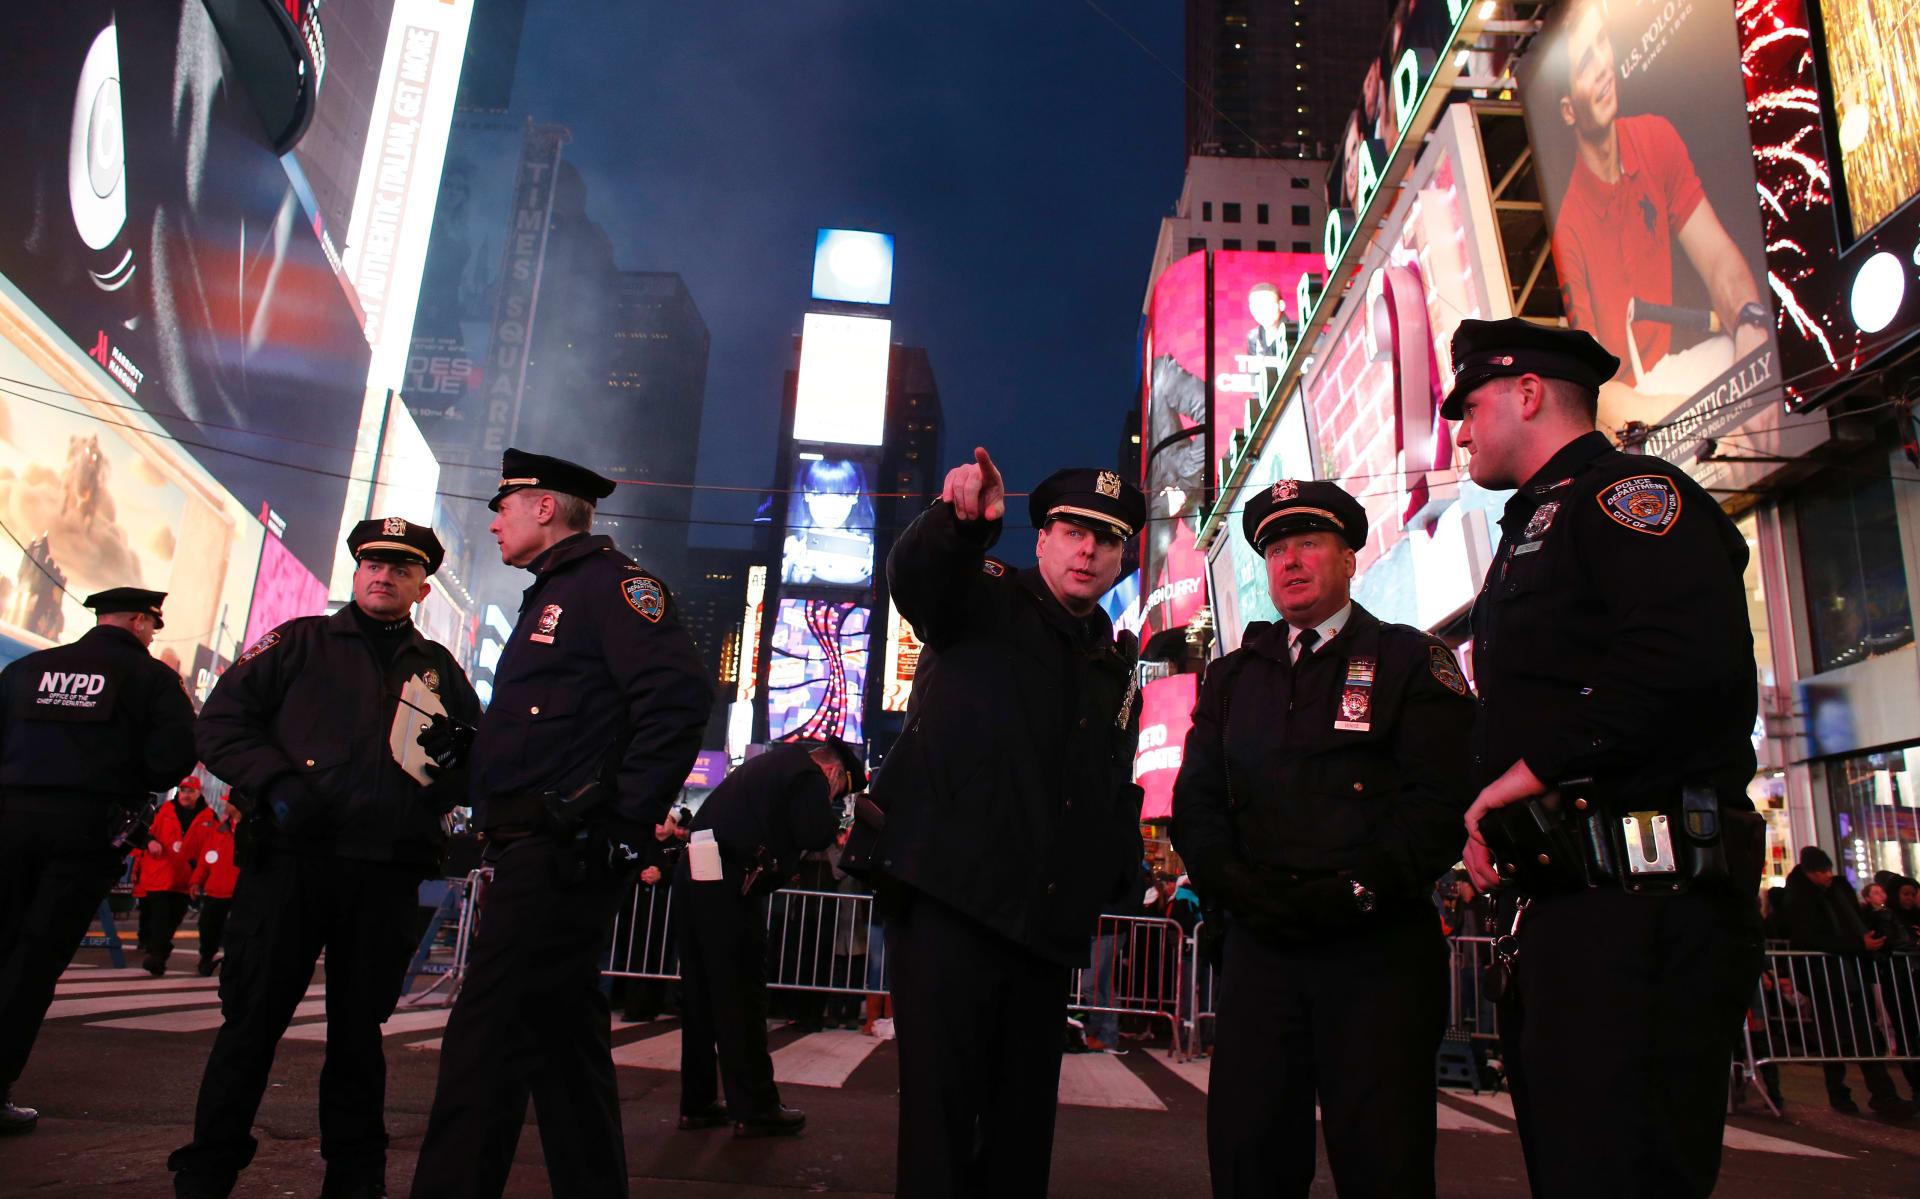 نيويورك.. إحباط محاولة باسم داعش لقتل المحتفلين برأس السنة الجديدة في حانة أمريكية